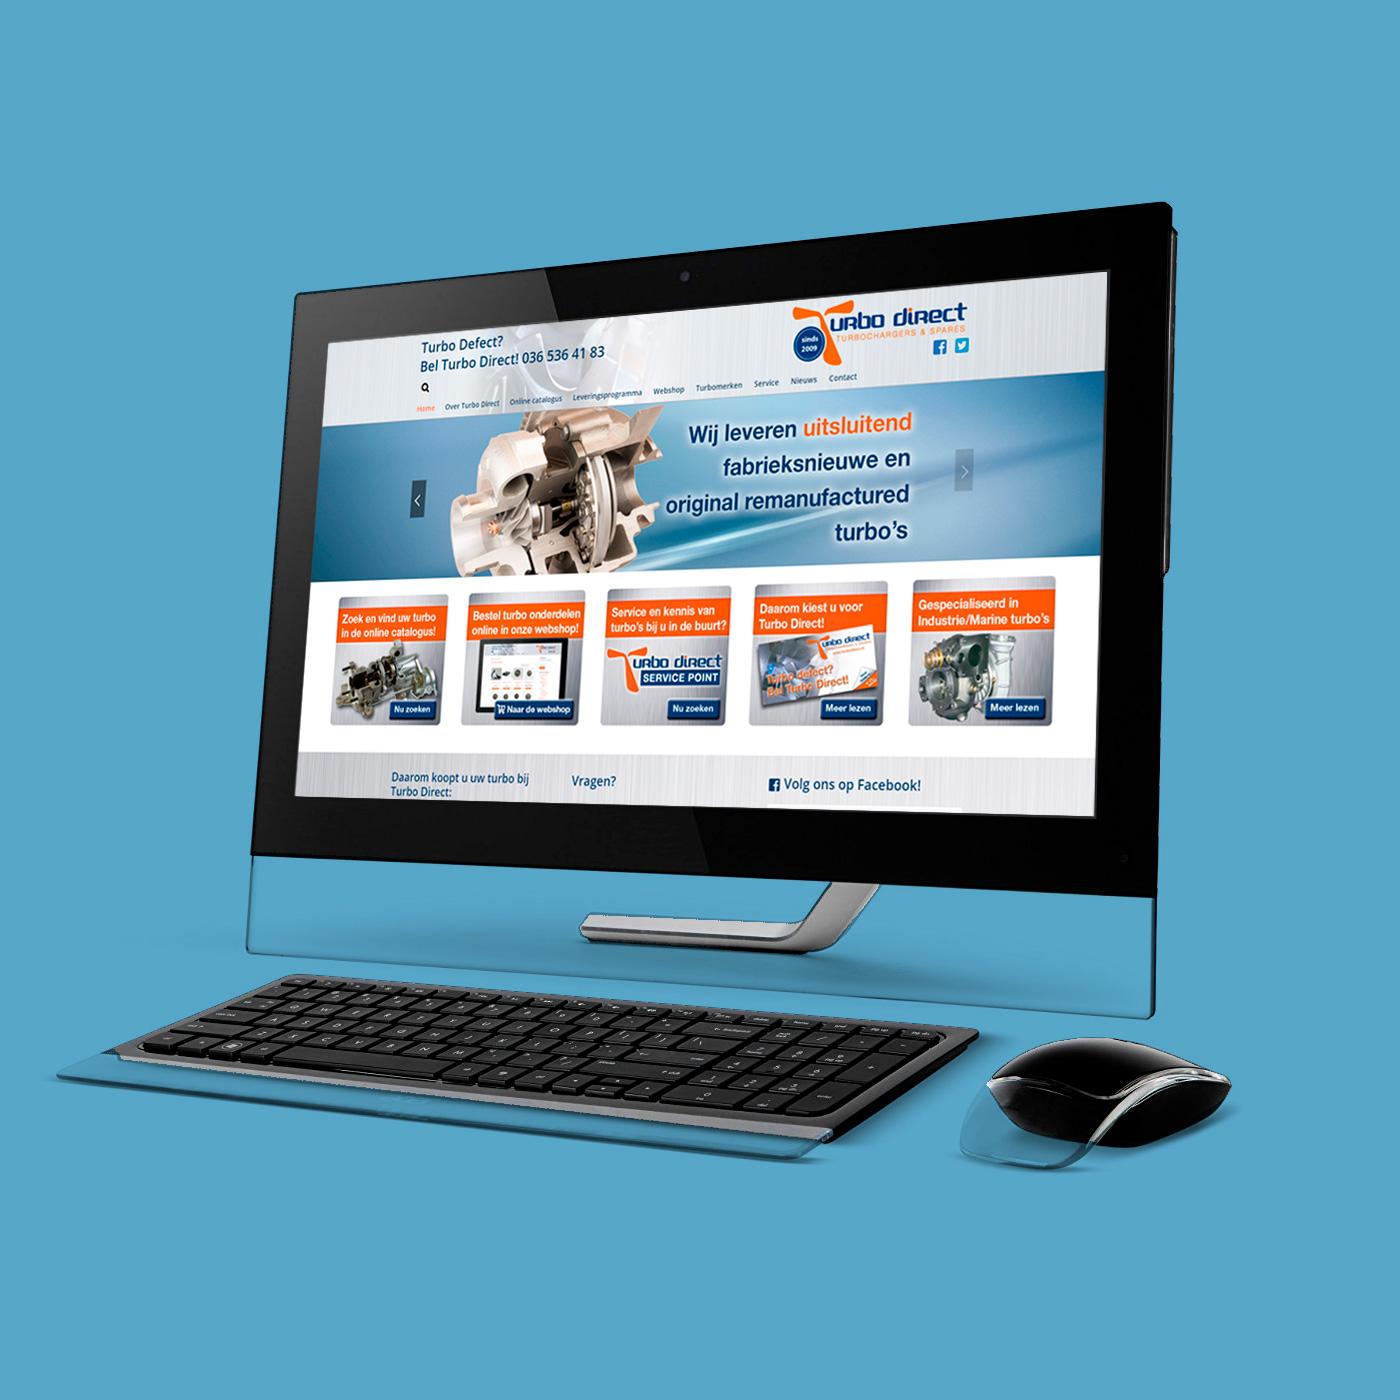 Voor Turbo Direct verzorg ik ontwerp en productie van o.a. de website, huisstijl en promotiemateriaal.